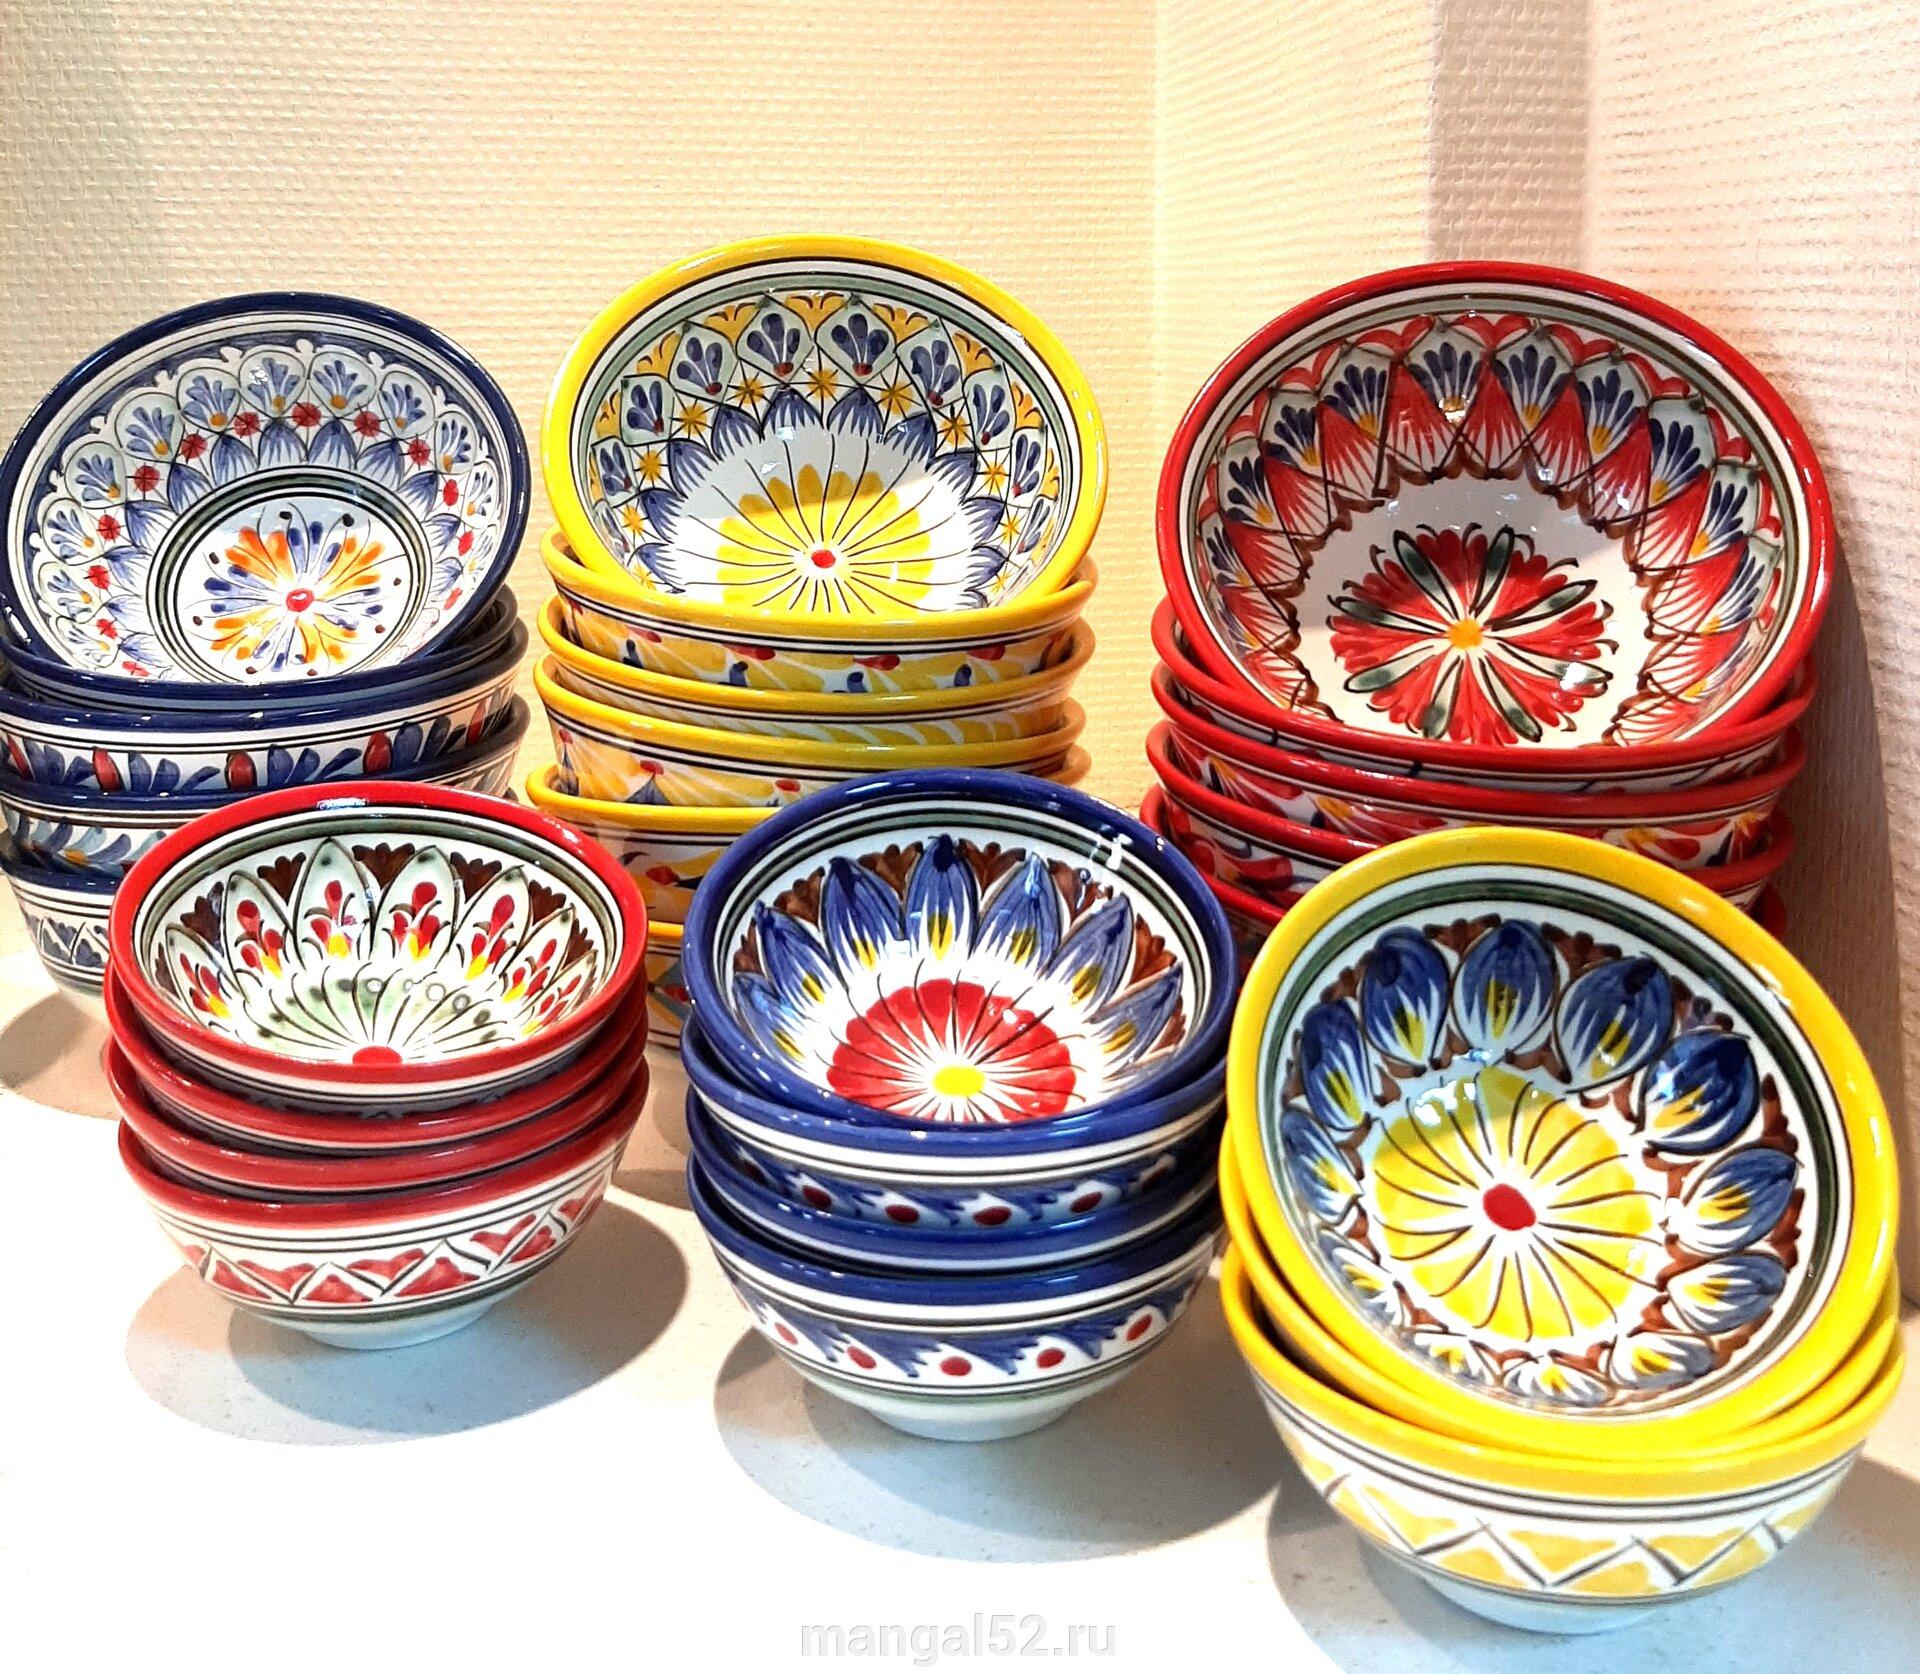 купить узбекскую посуду: пиалы и косы